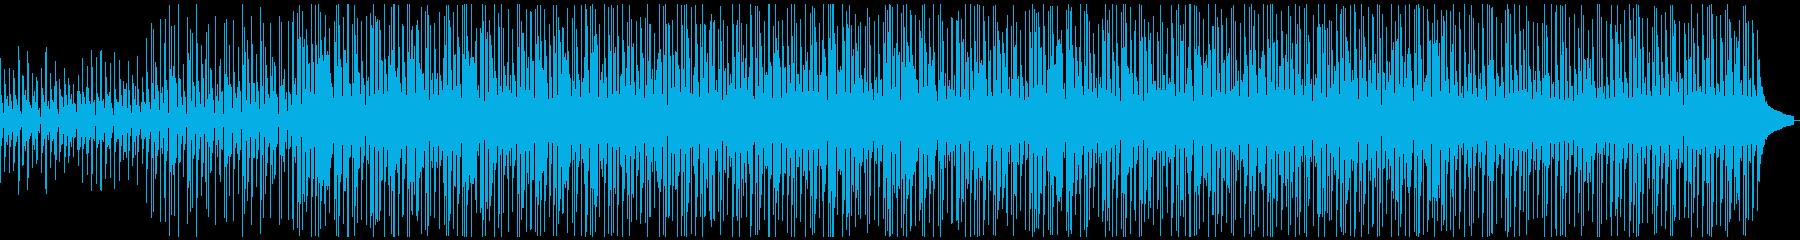 マリンバとリコーダー、ほのぼの日常、動画の再生済みの波形